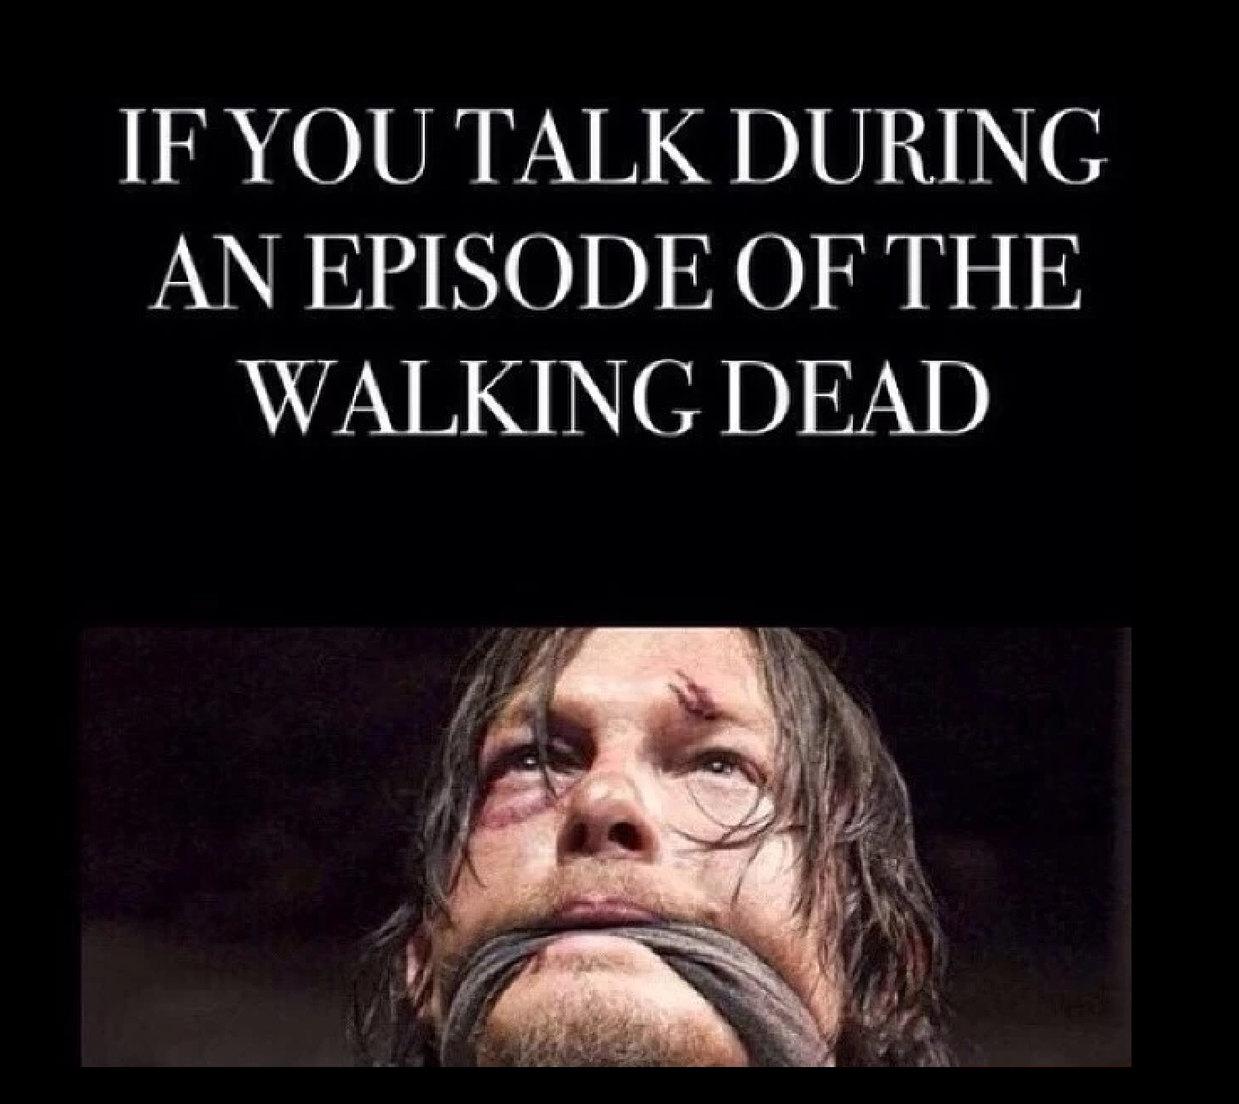 Walking dead - meme